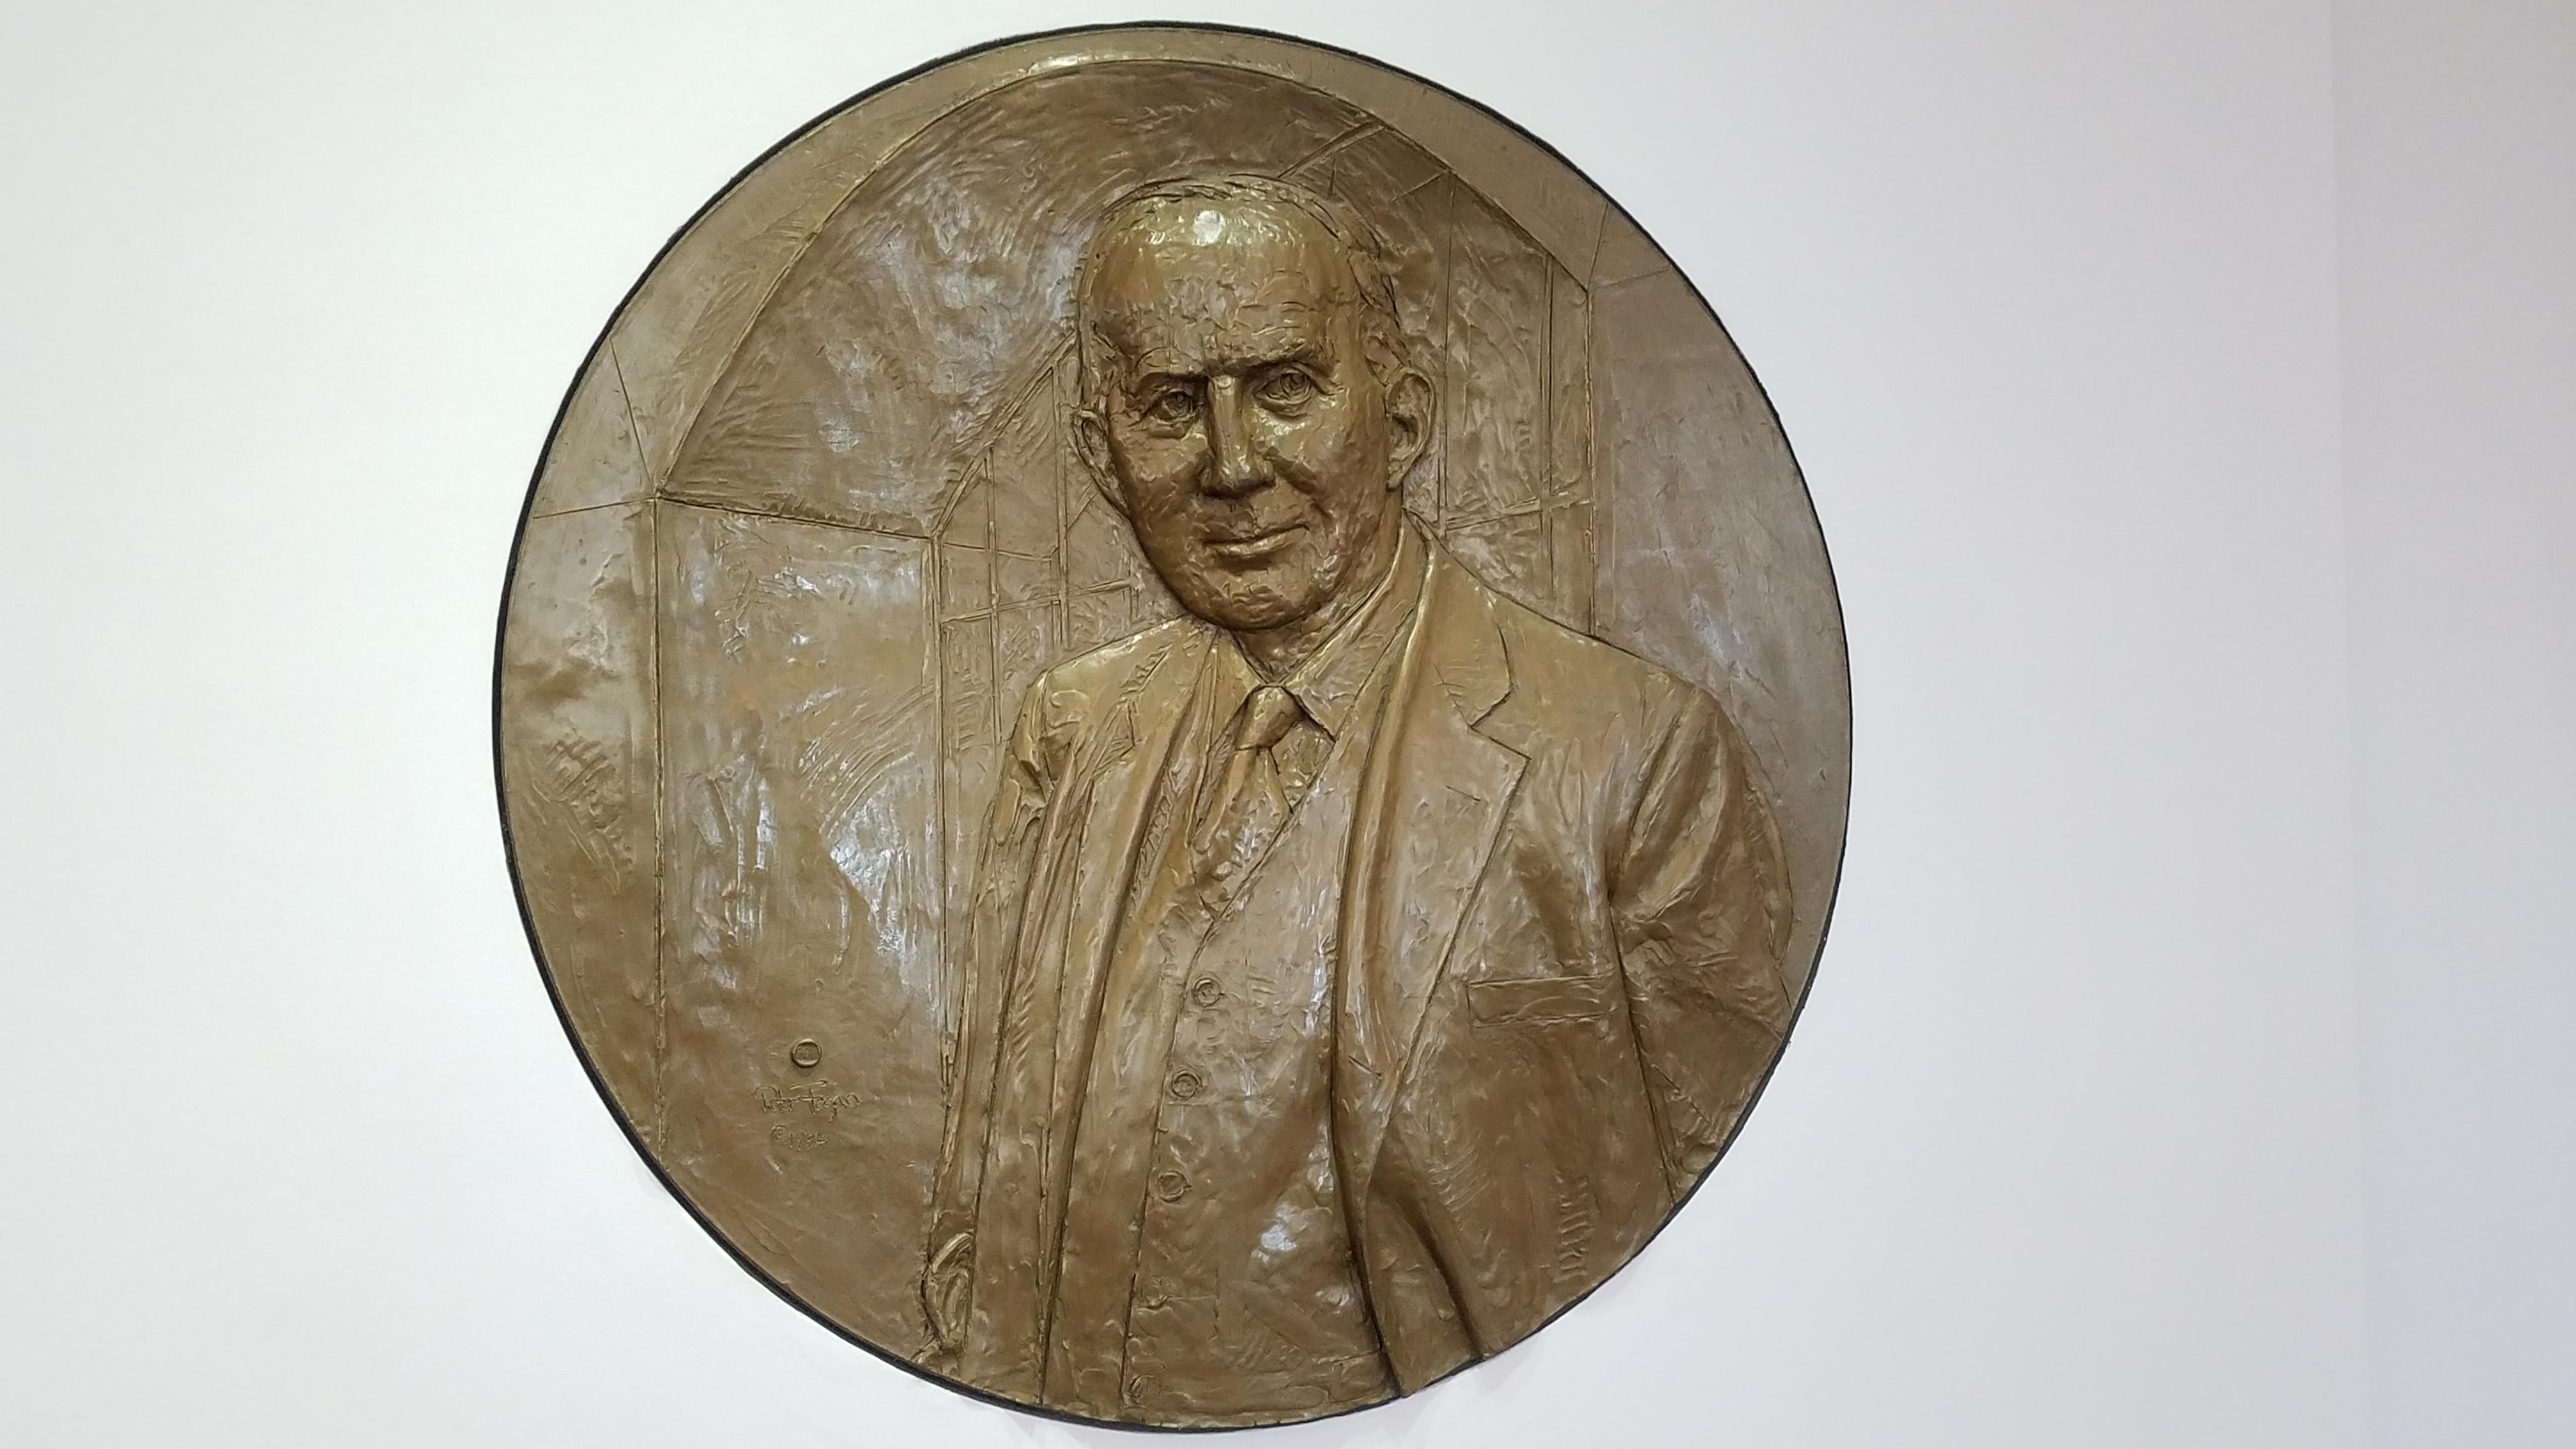 Relief sculpture of William W. Grainger.